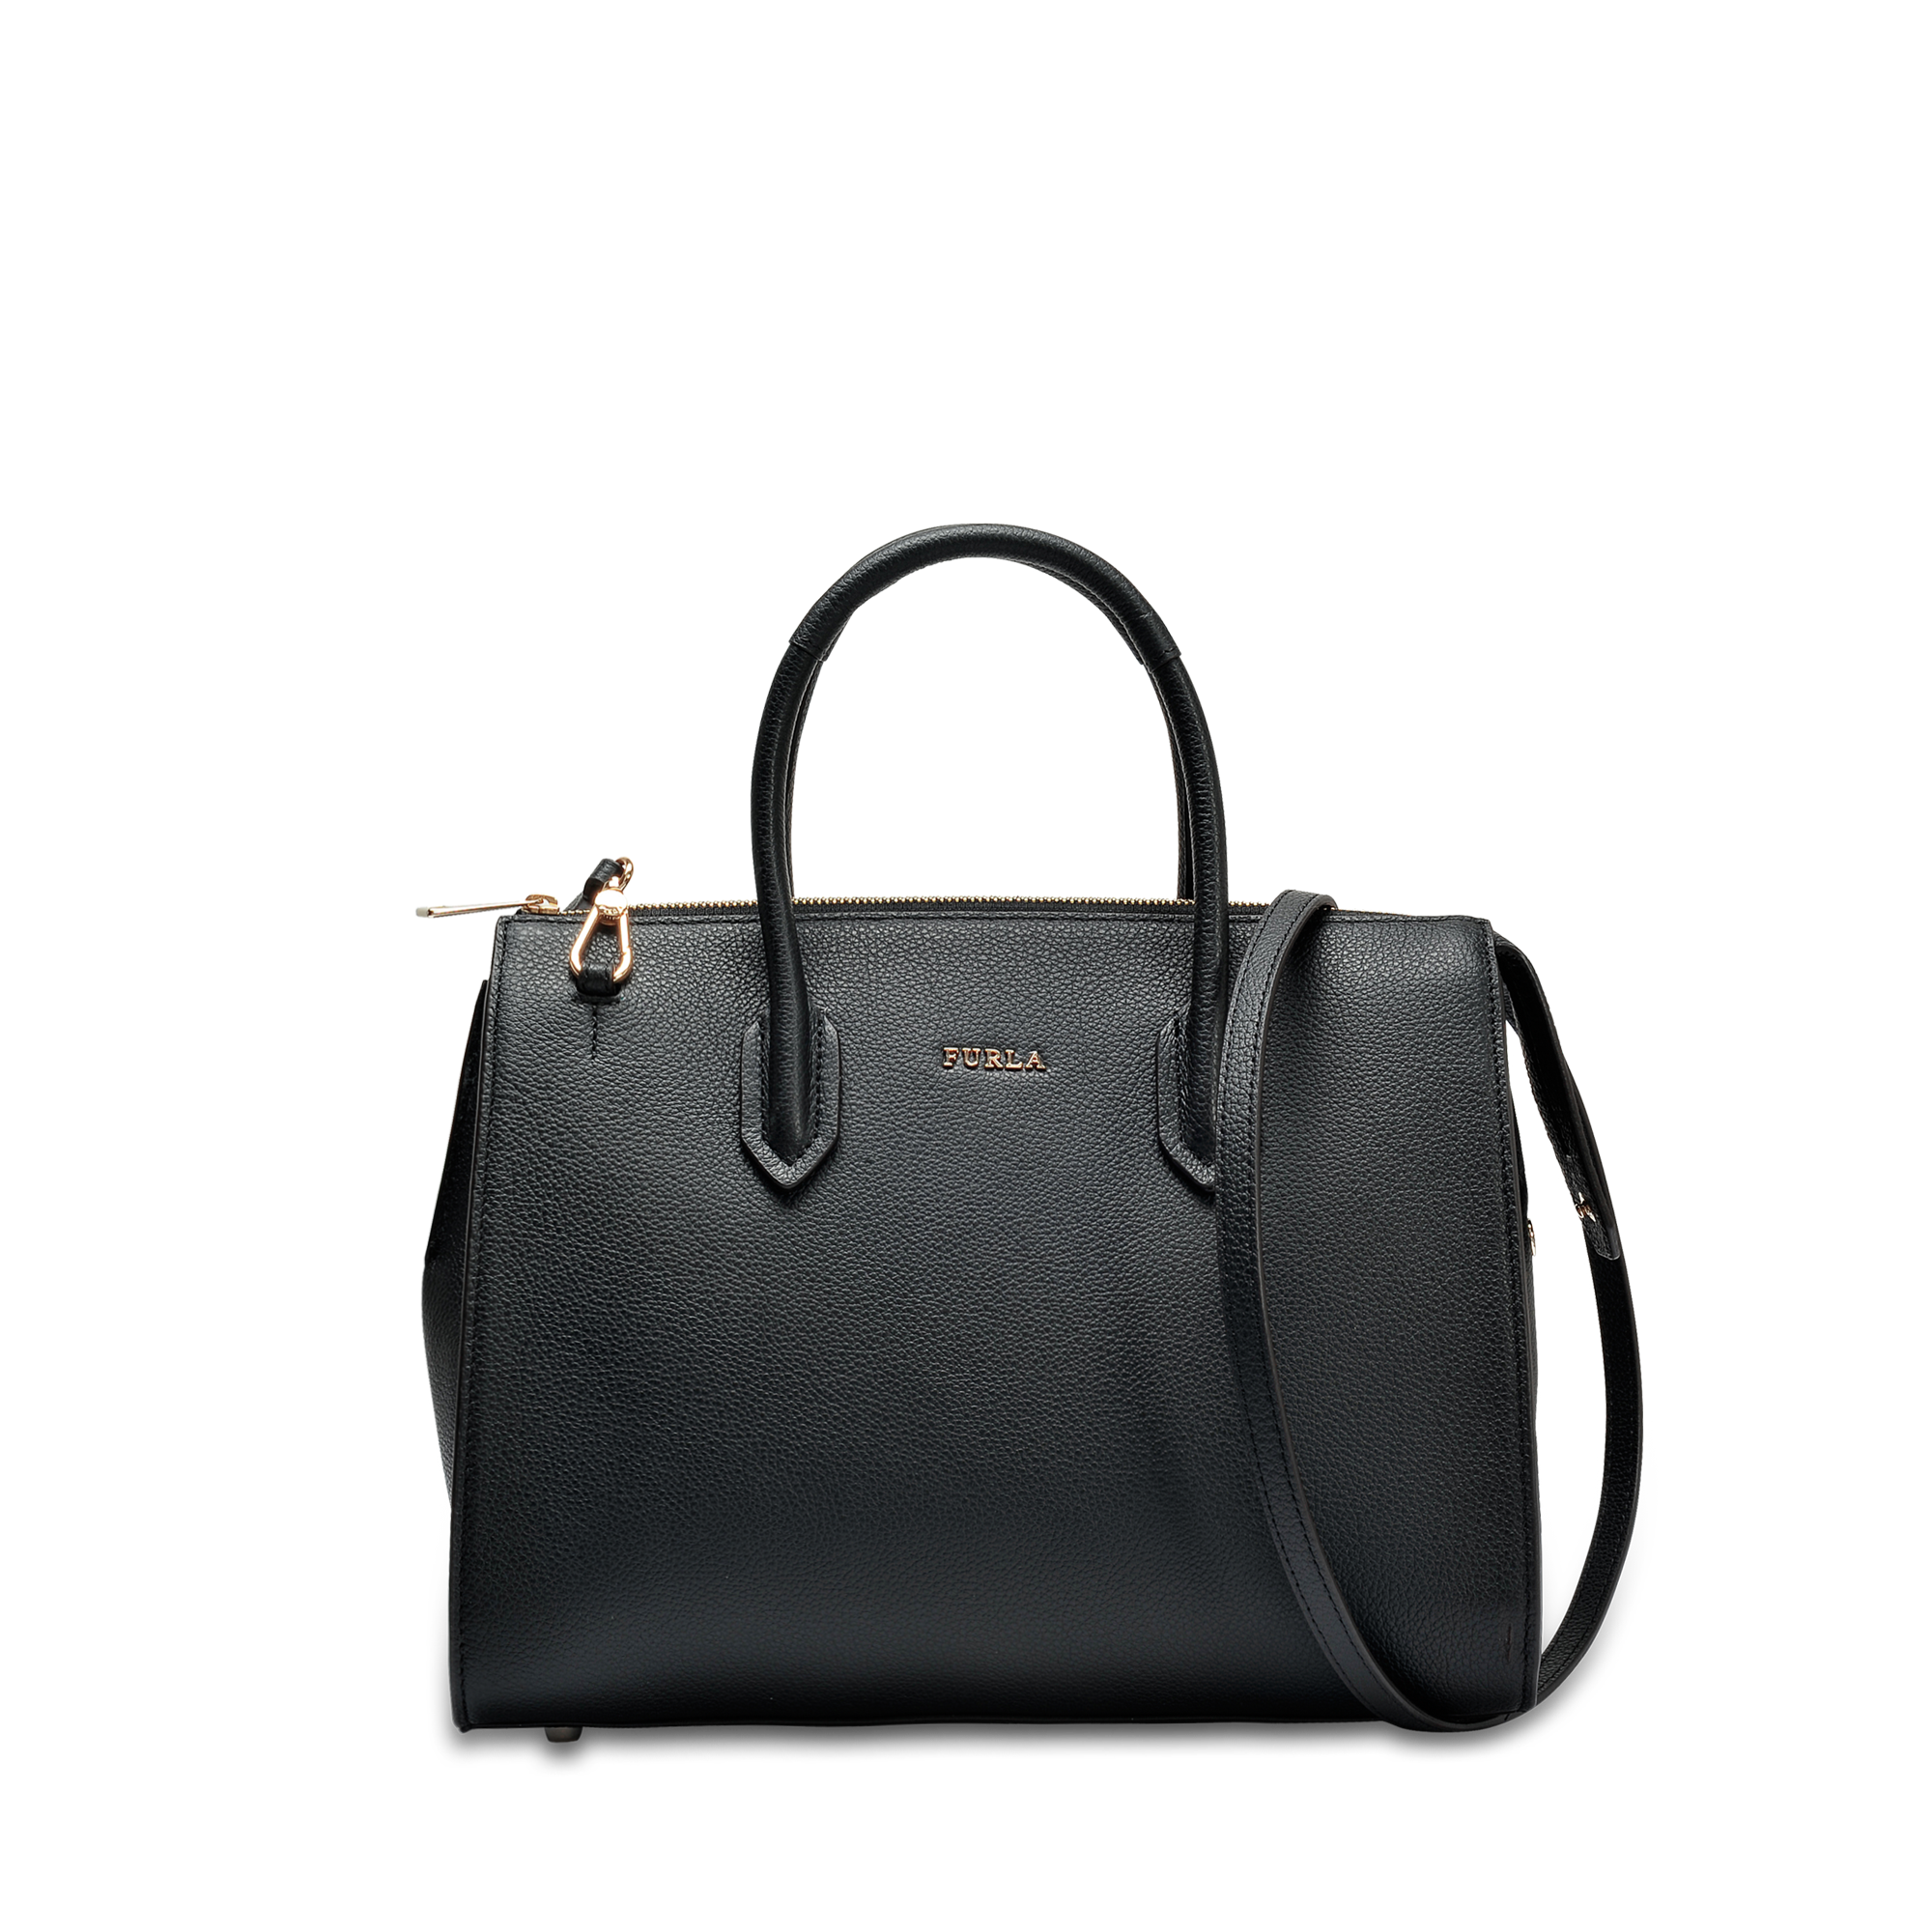 Furla Pin M Satchel Bag Online Winkelen Klaring Gratis Verzending Voor Goedkope kopen XcOMjBv3VJ